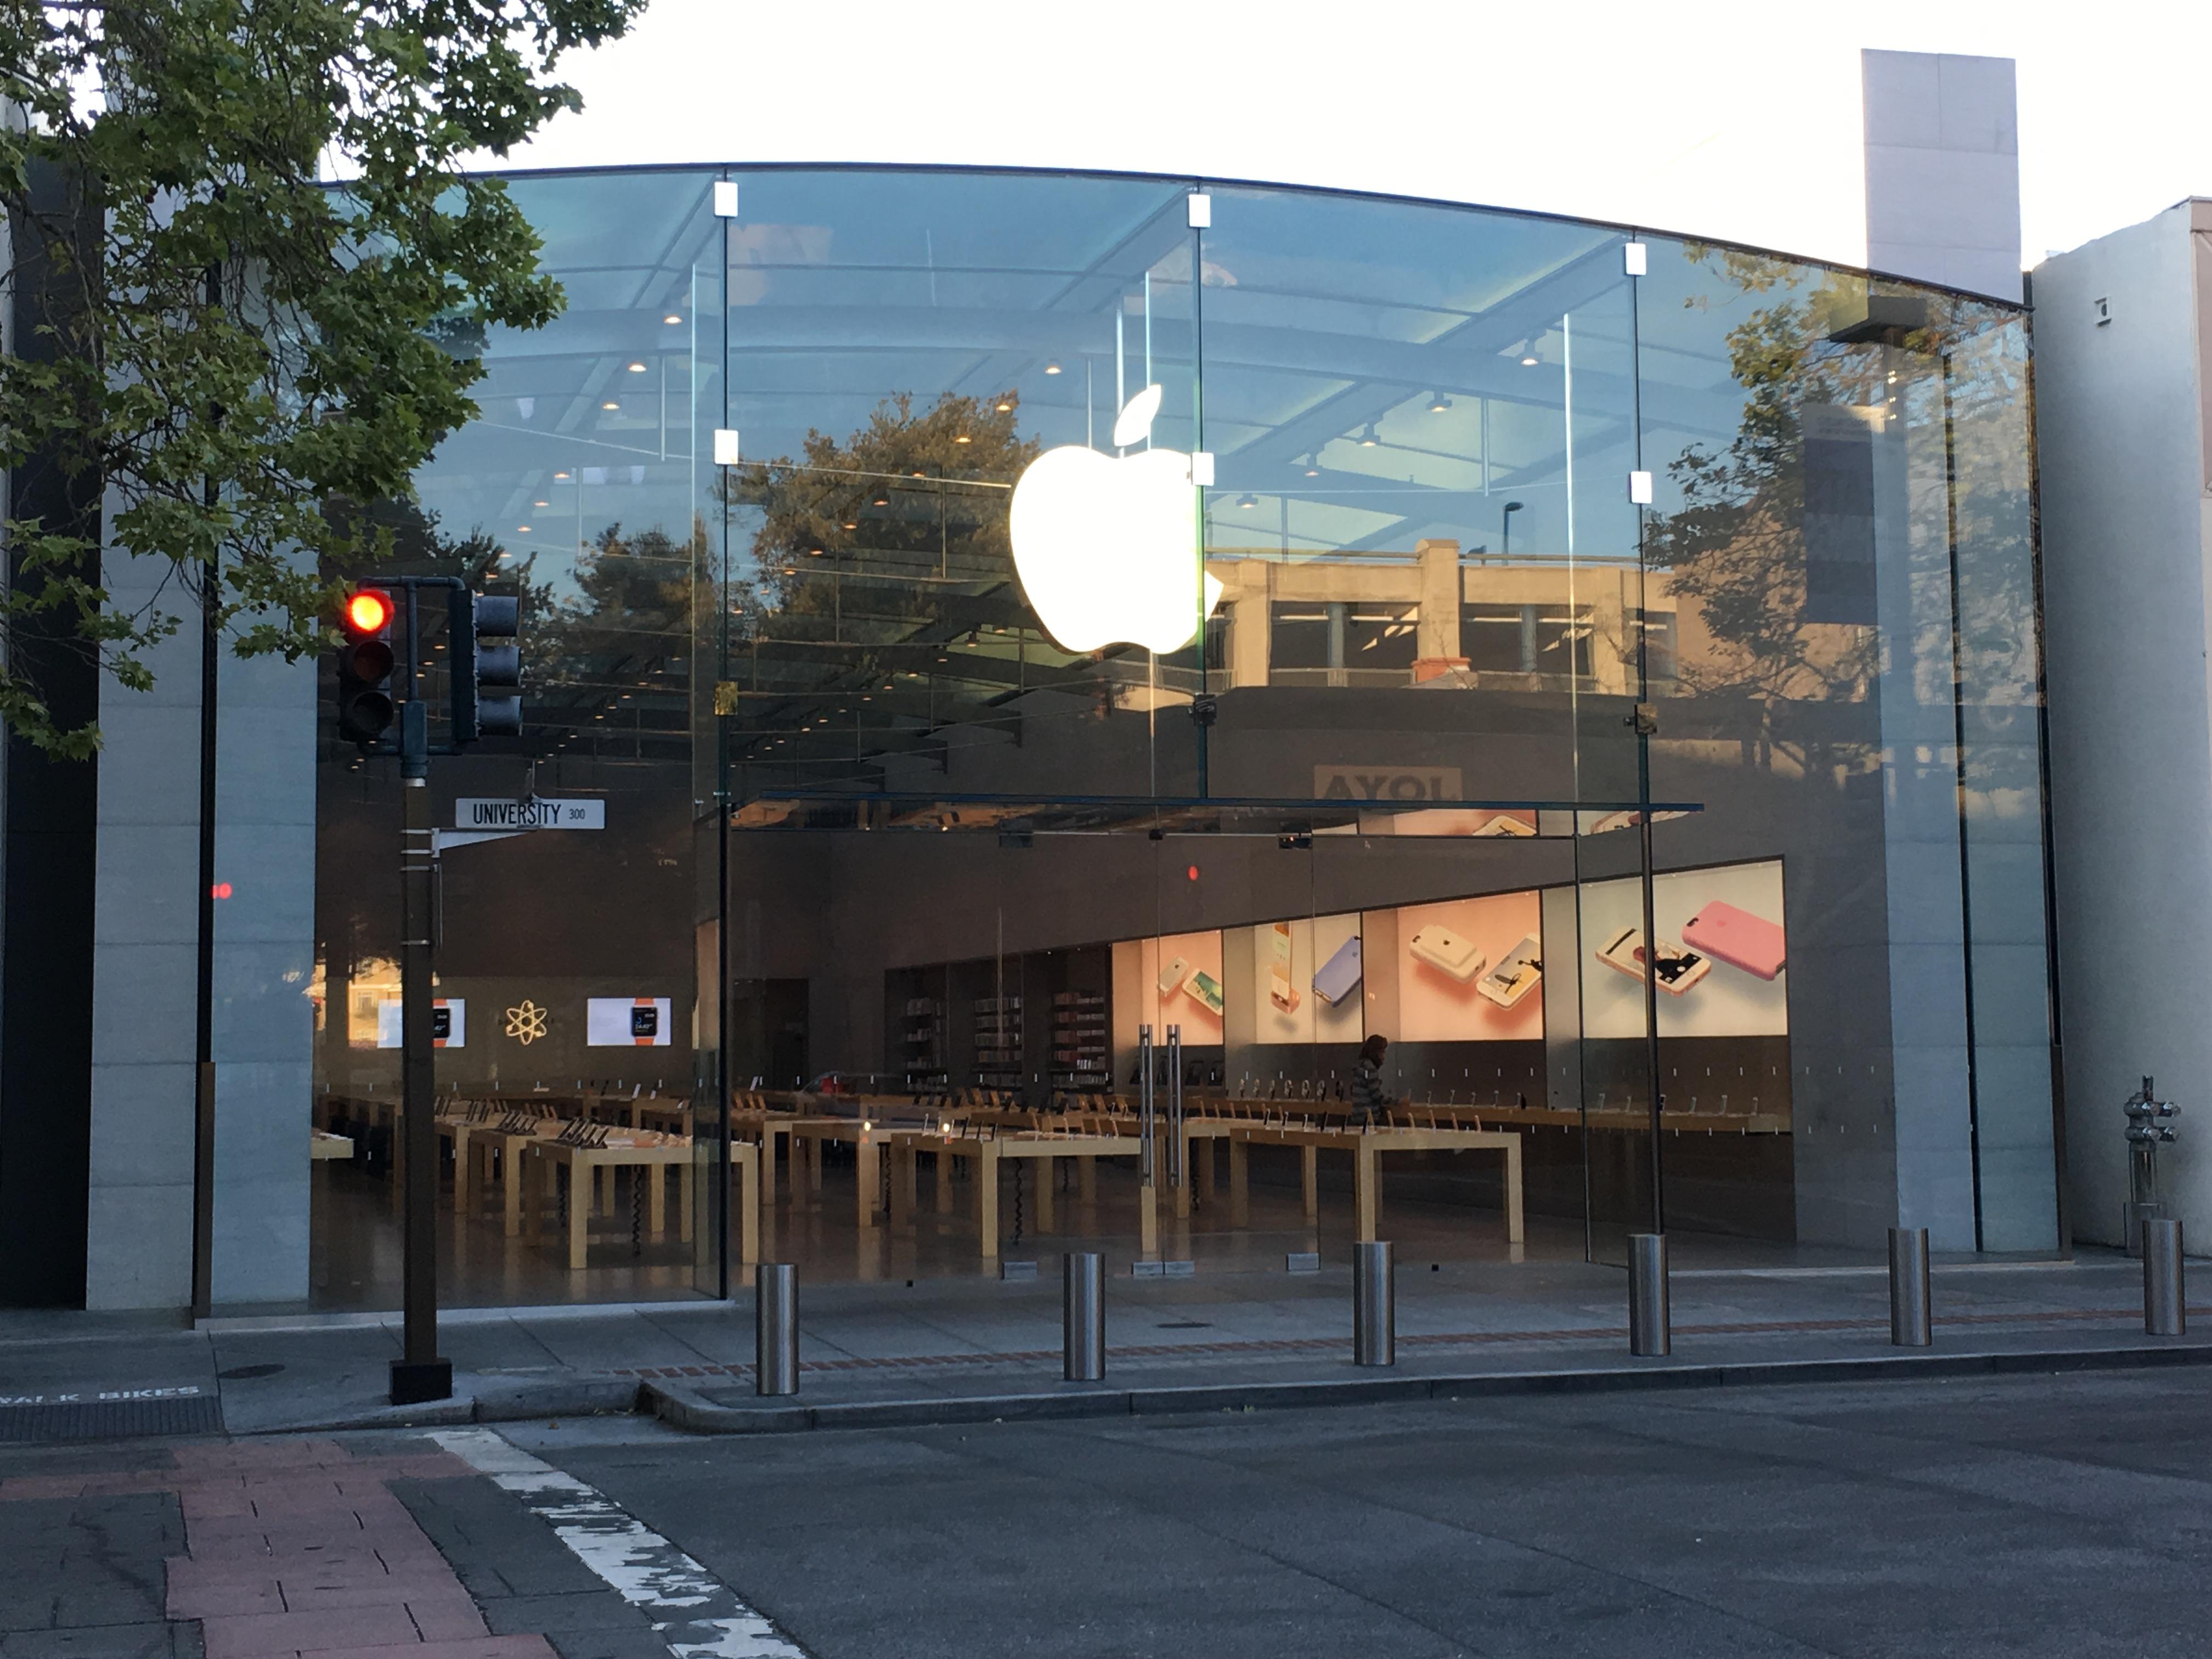 Apple gir seg ikke uten kamp.